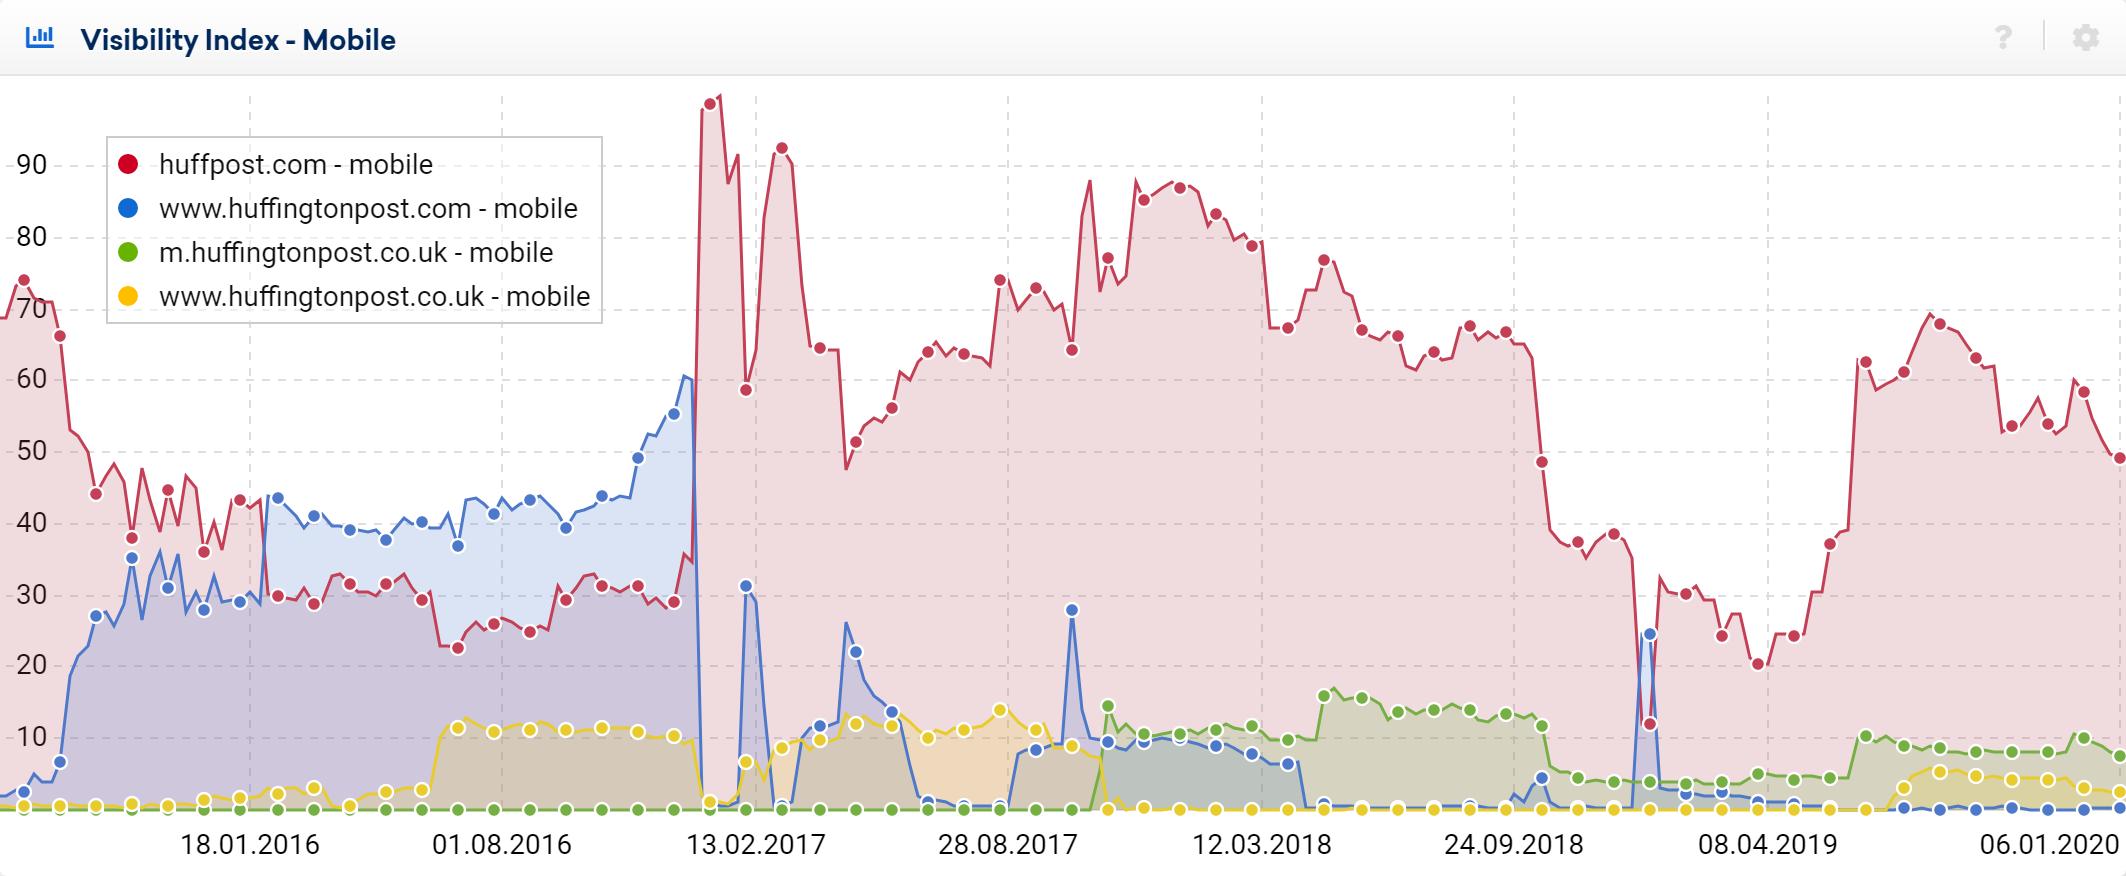 huffpost.com mobile visibility / SEO graph